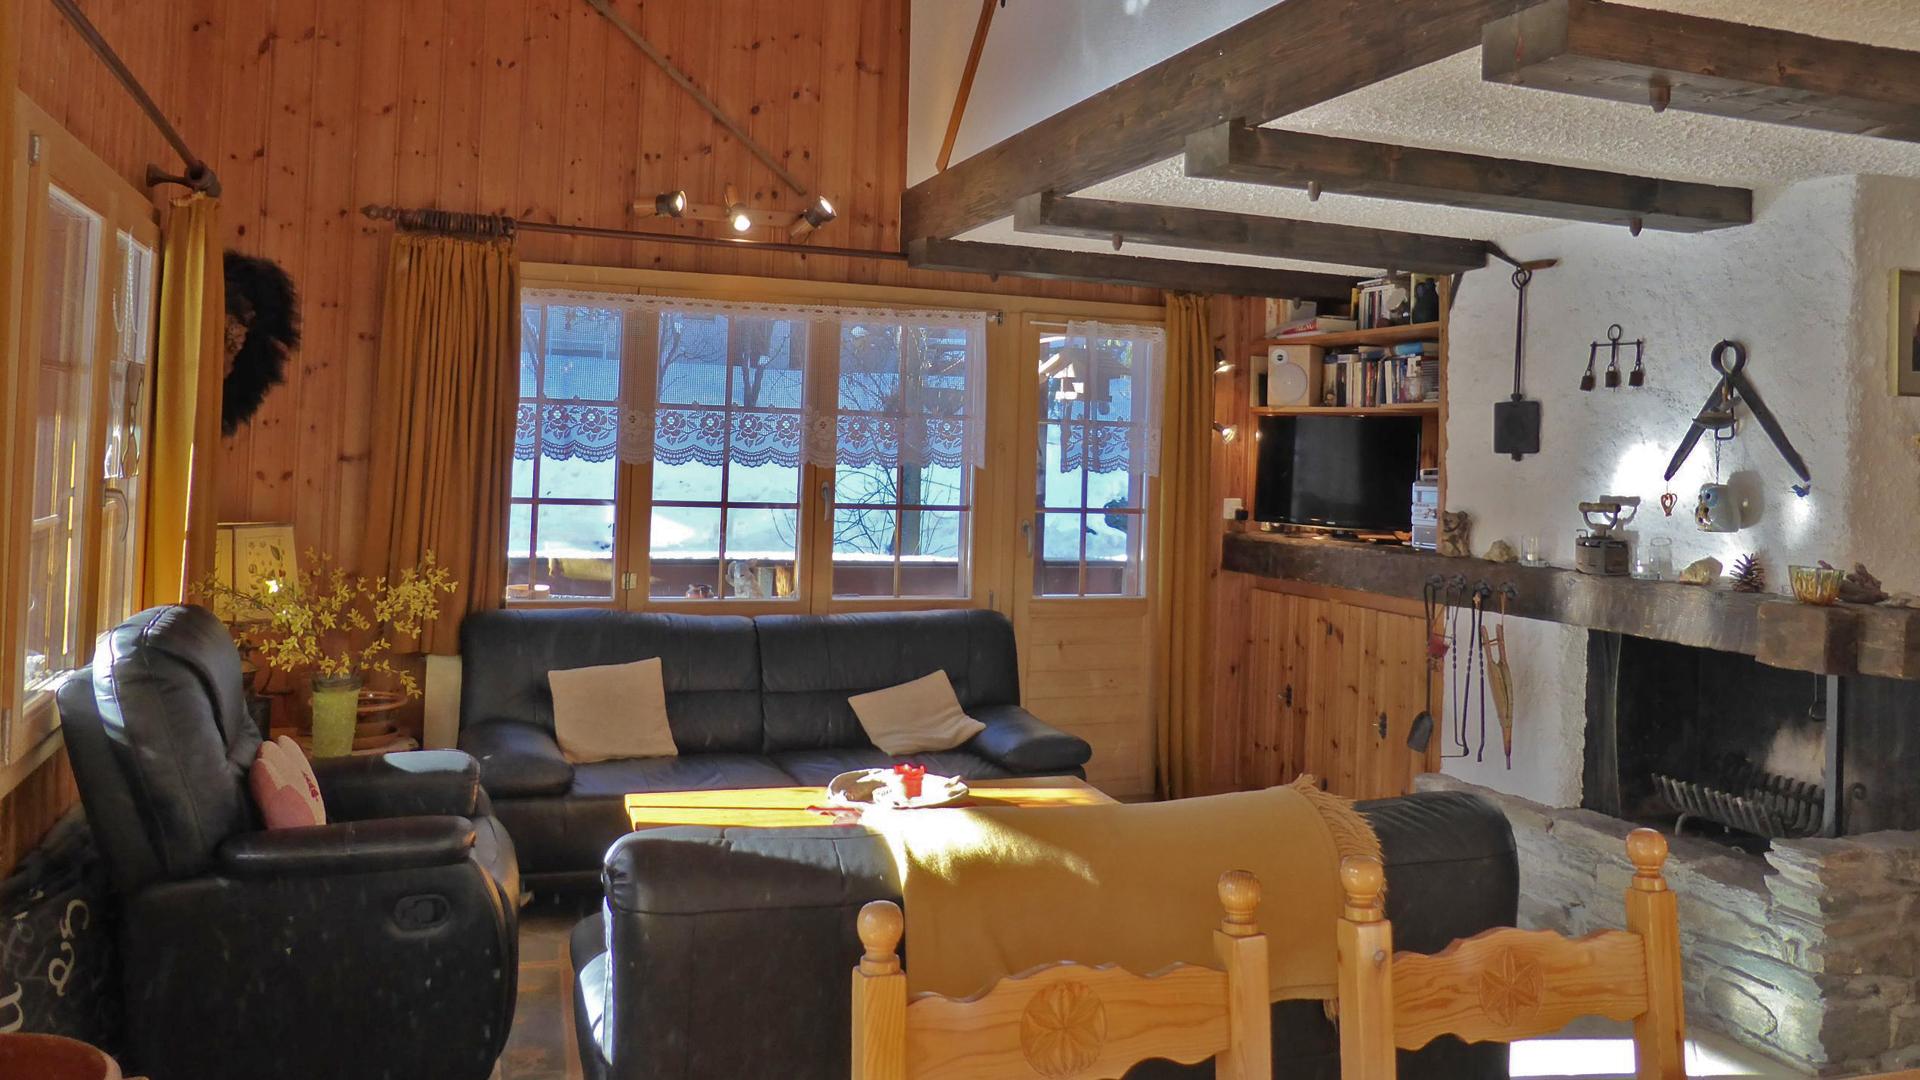 Le Couer de Grimentz Apartments, Switzerland